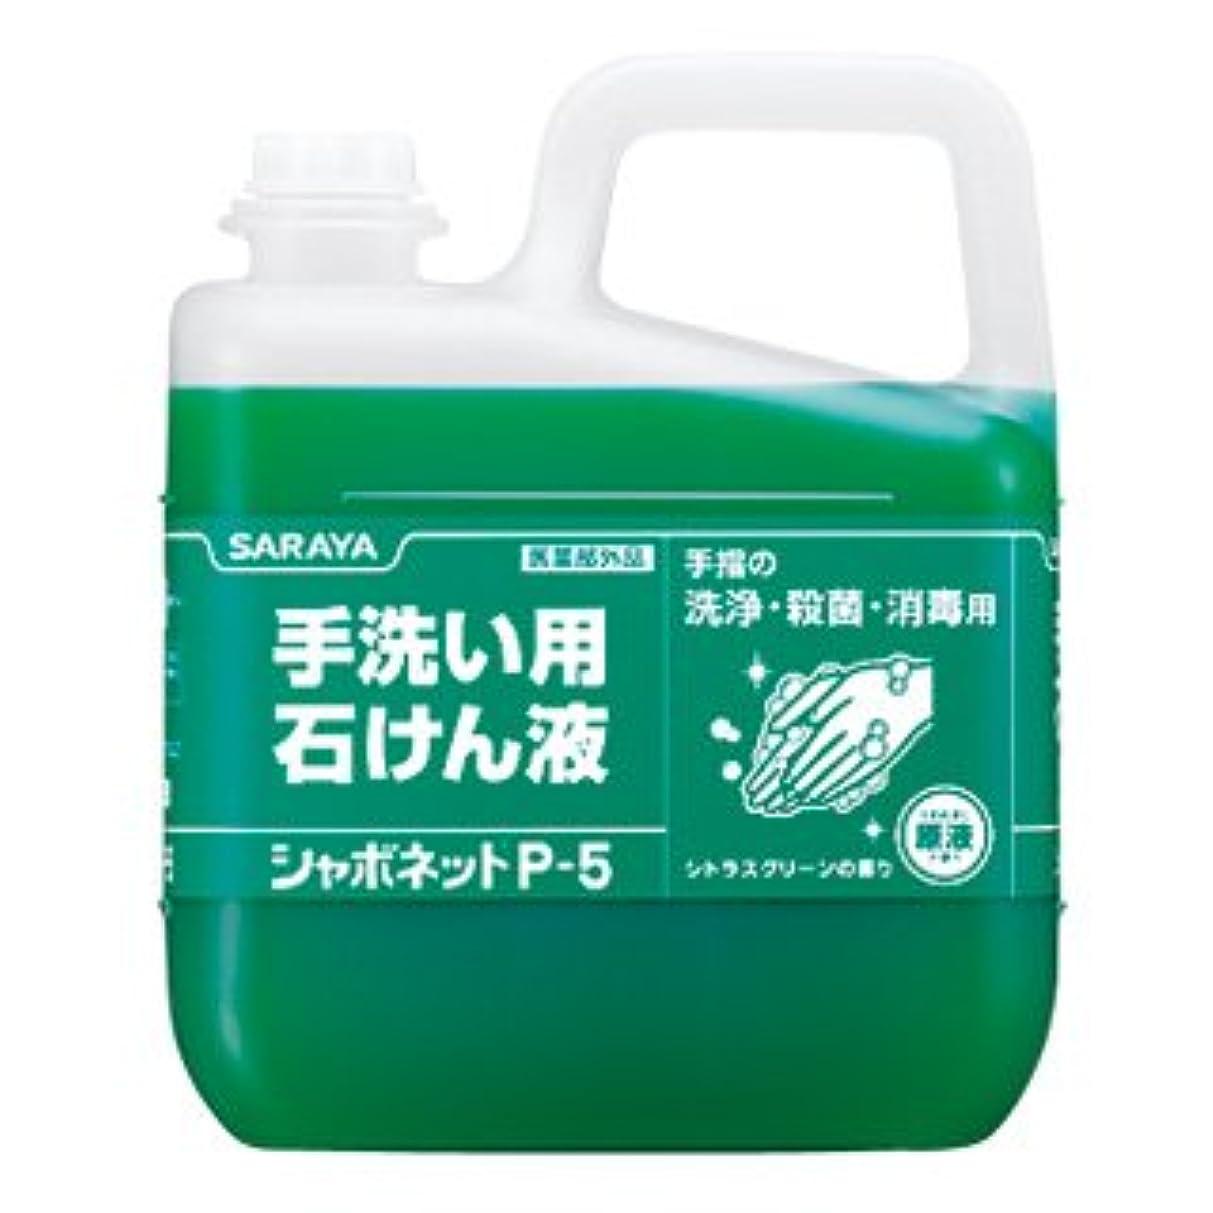 サラヤ シャボネット P-5 5kg×3 シトラスグリーンの香り